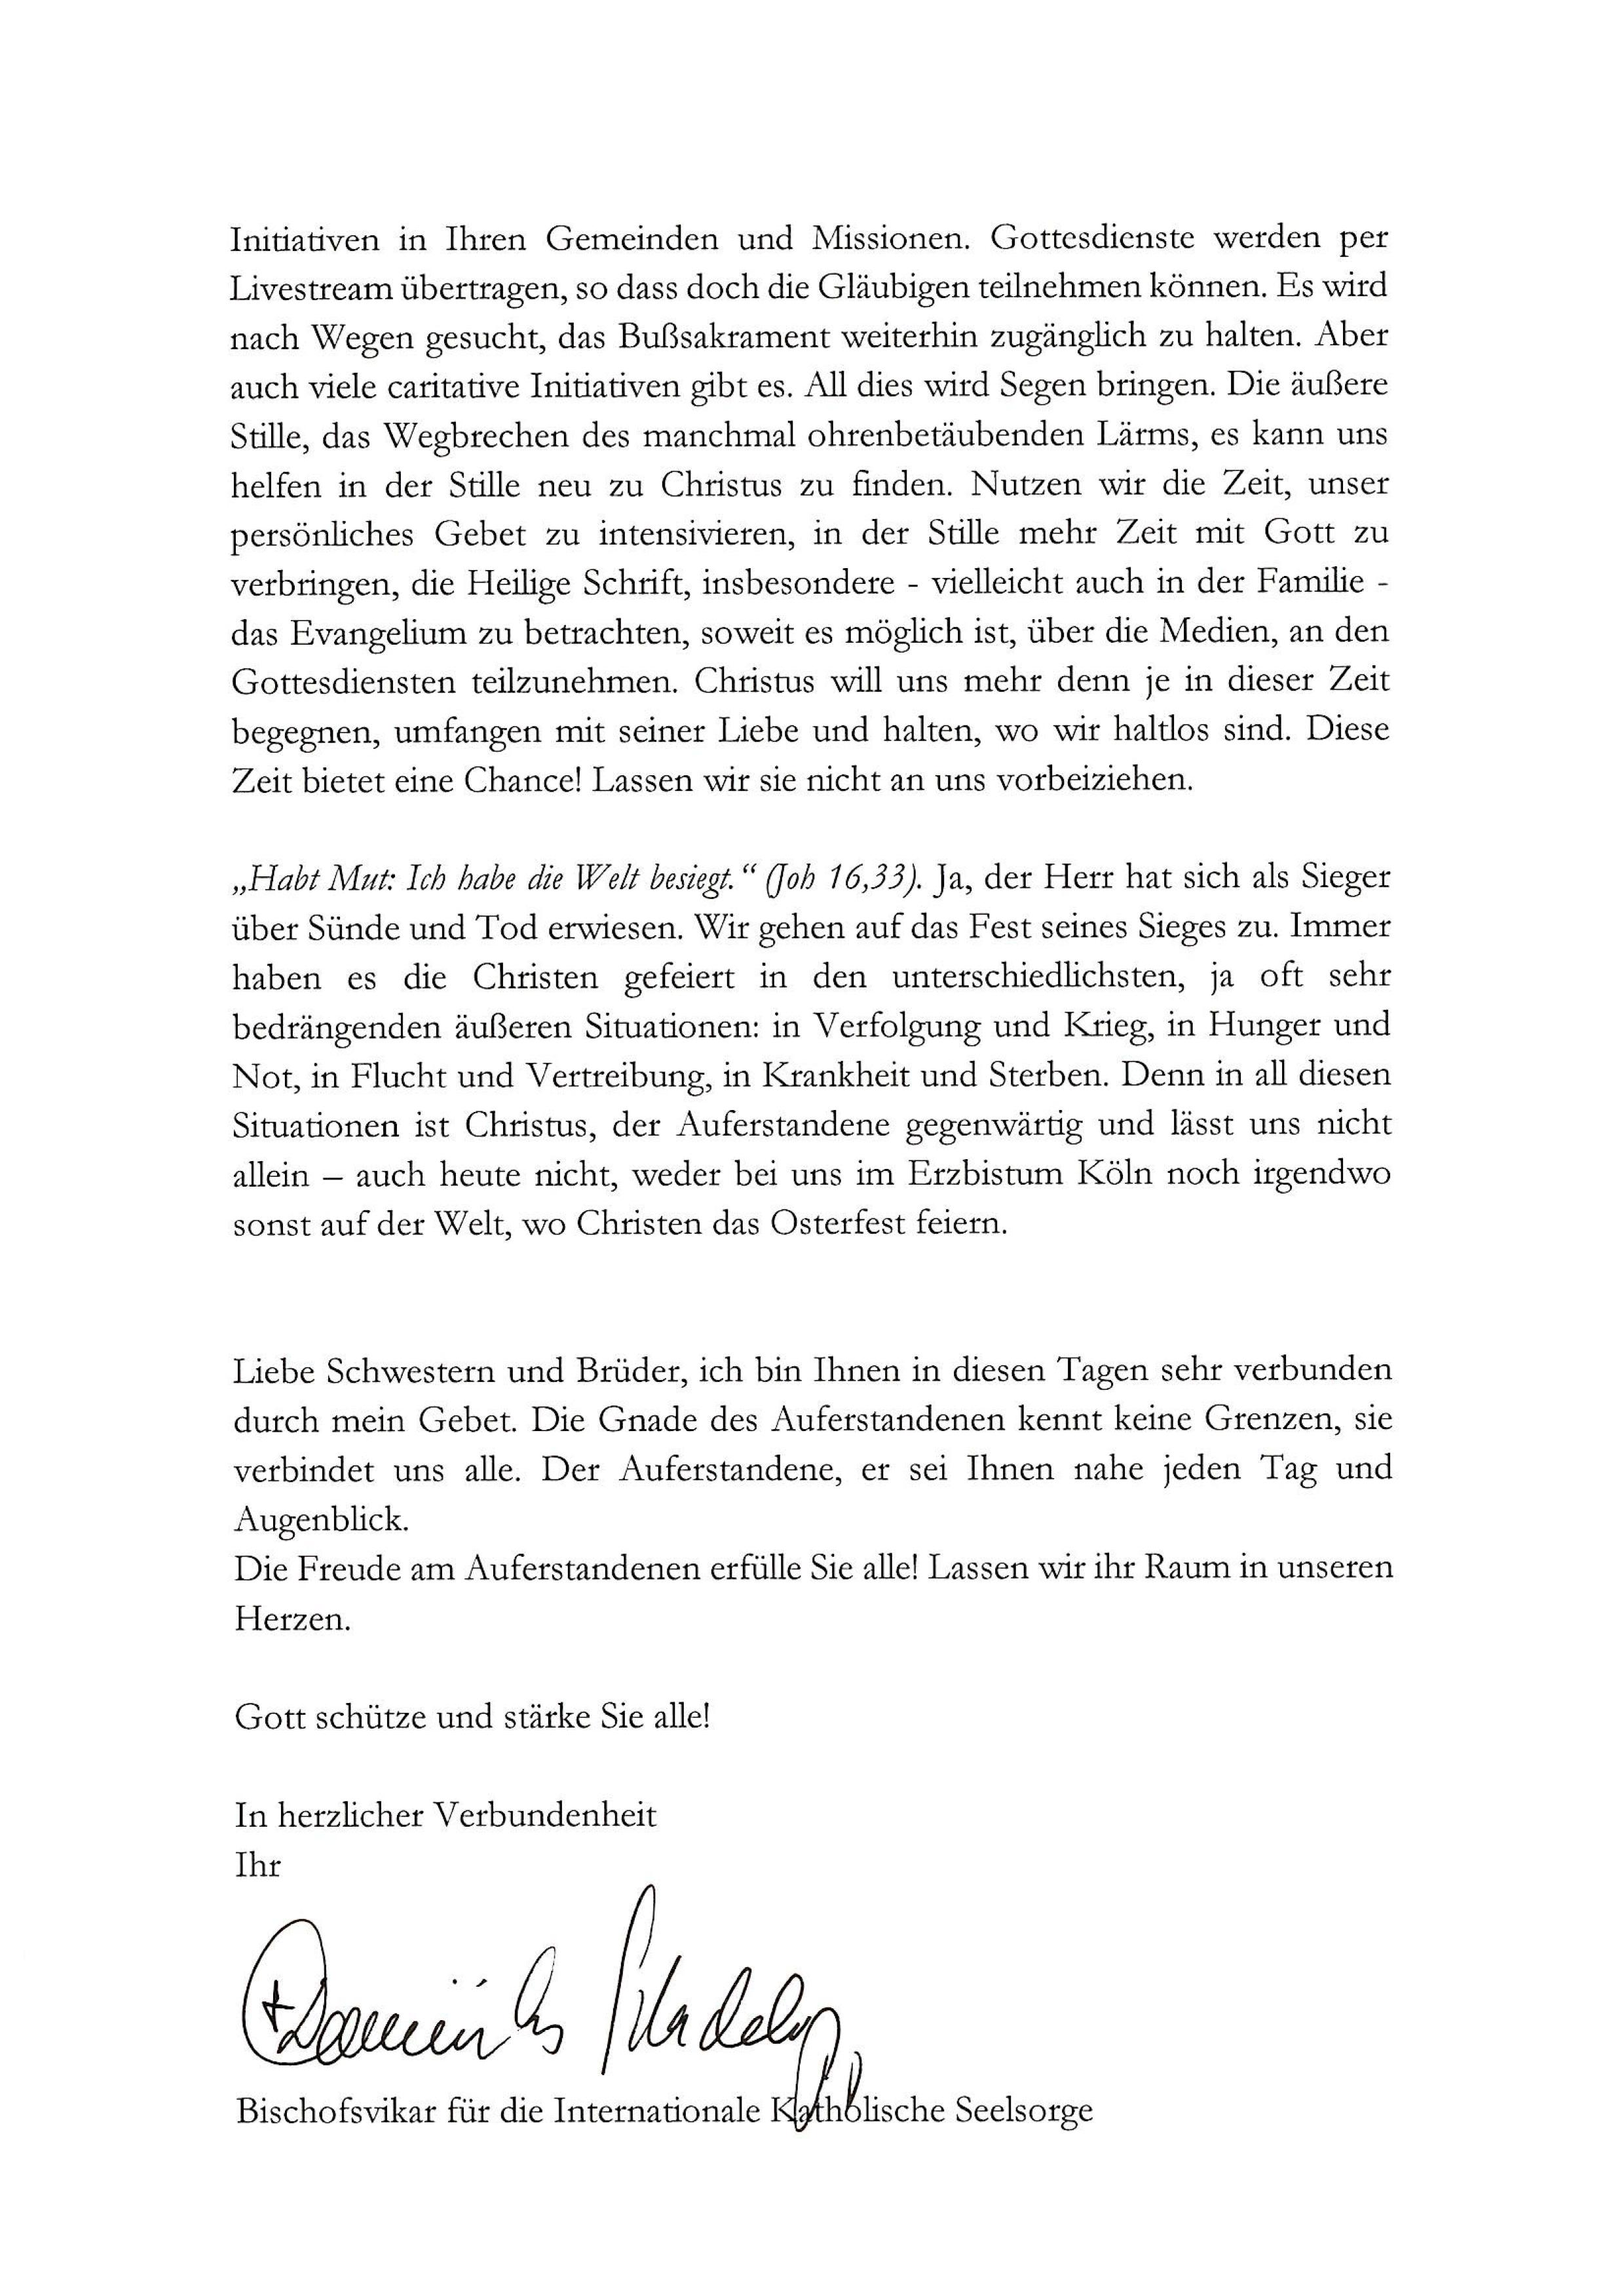 2020-04-02_Ostergruß an IKS Gemeinden_02